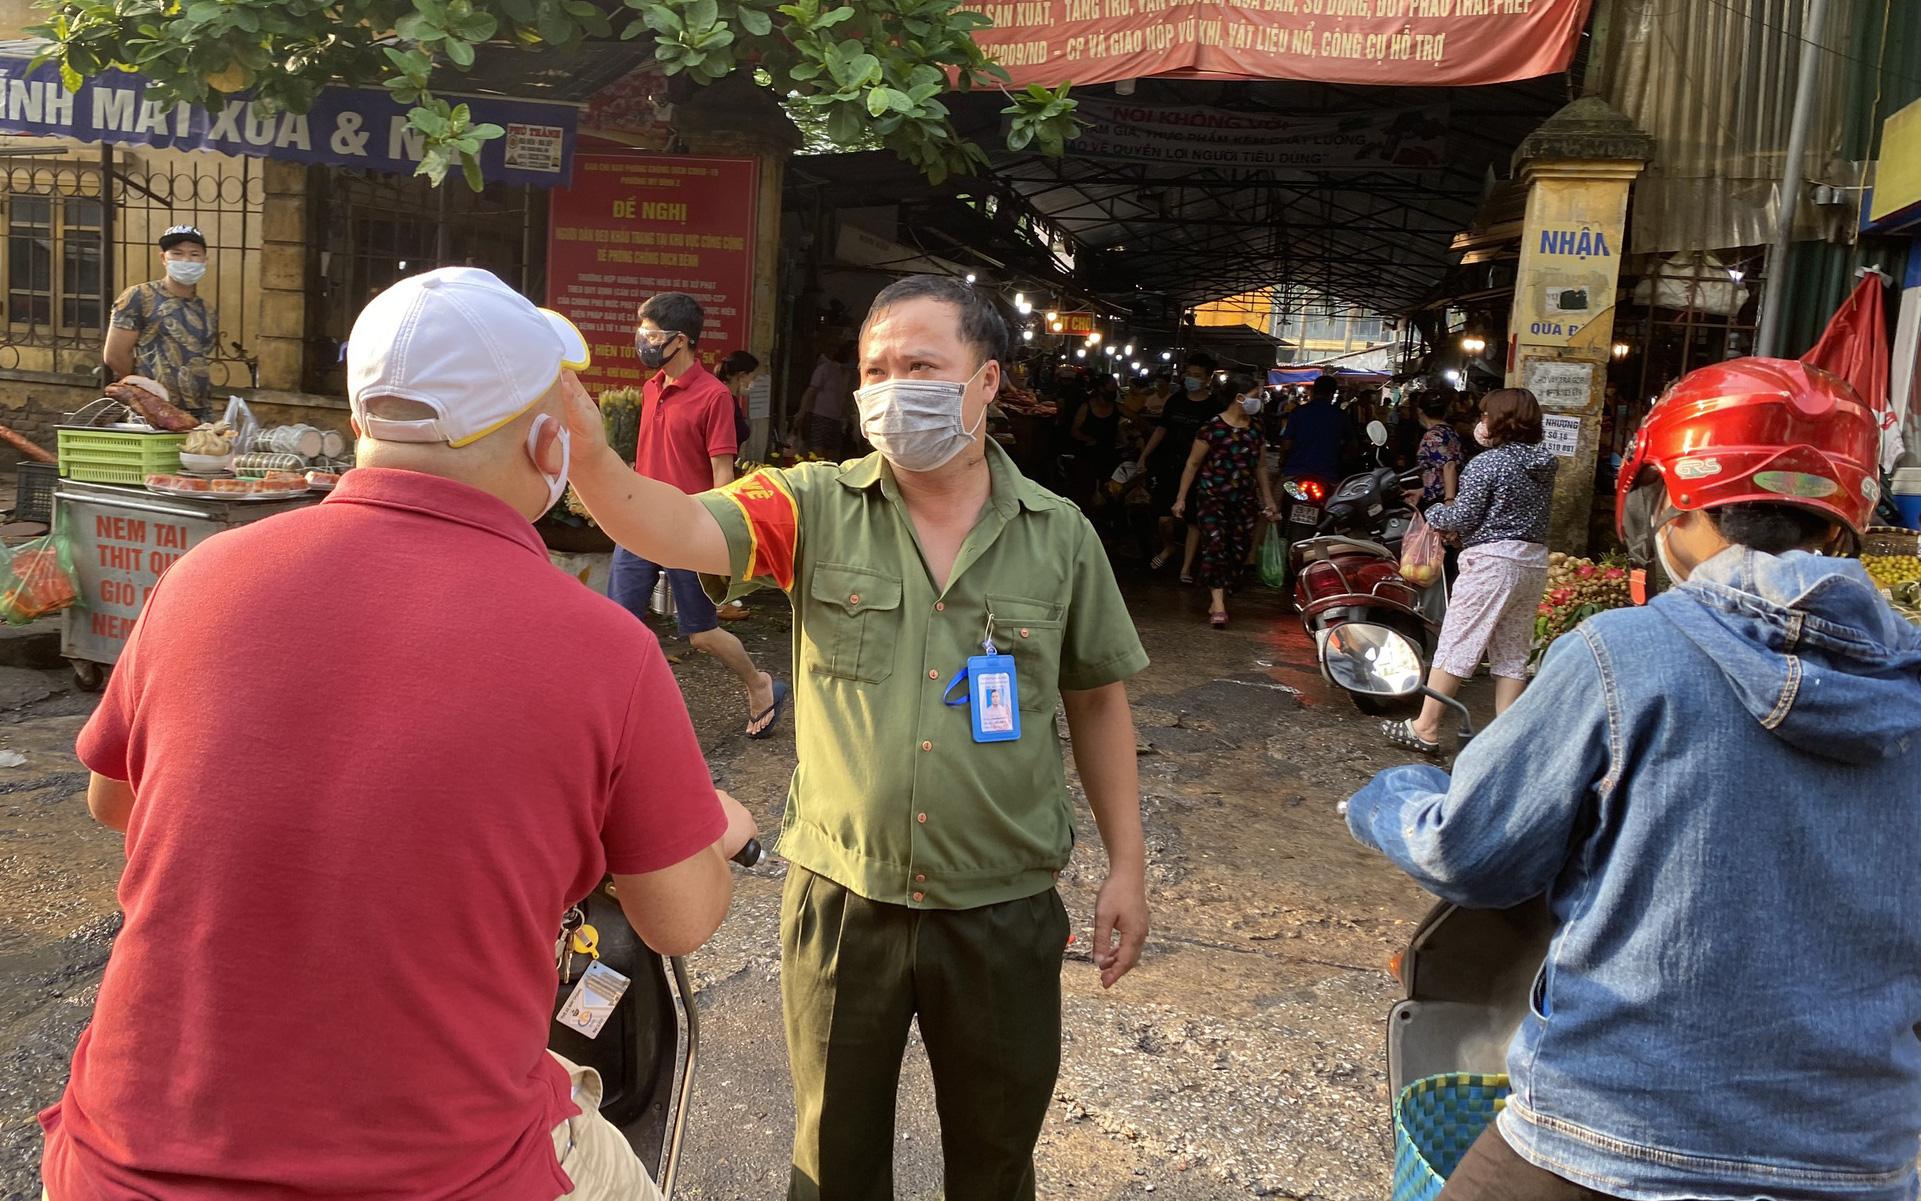 Ngày đầu tiên Hà Nội áp dụng Chỉ thị 16, không có cảnh đổ xô mua hàng hóa